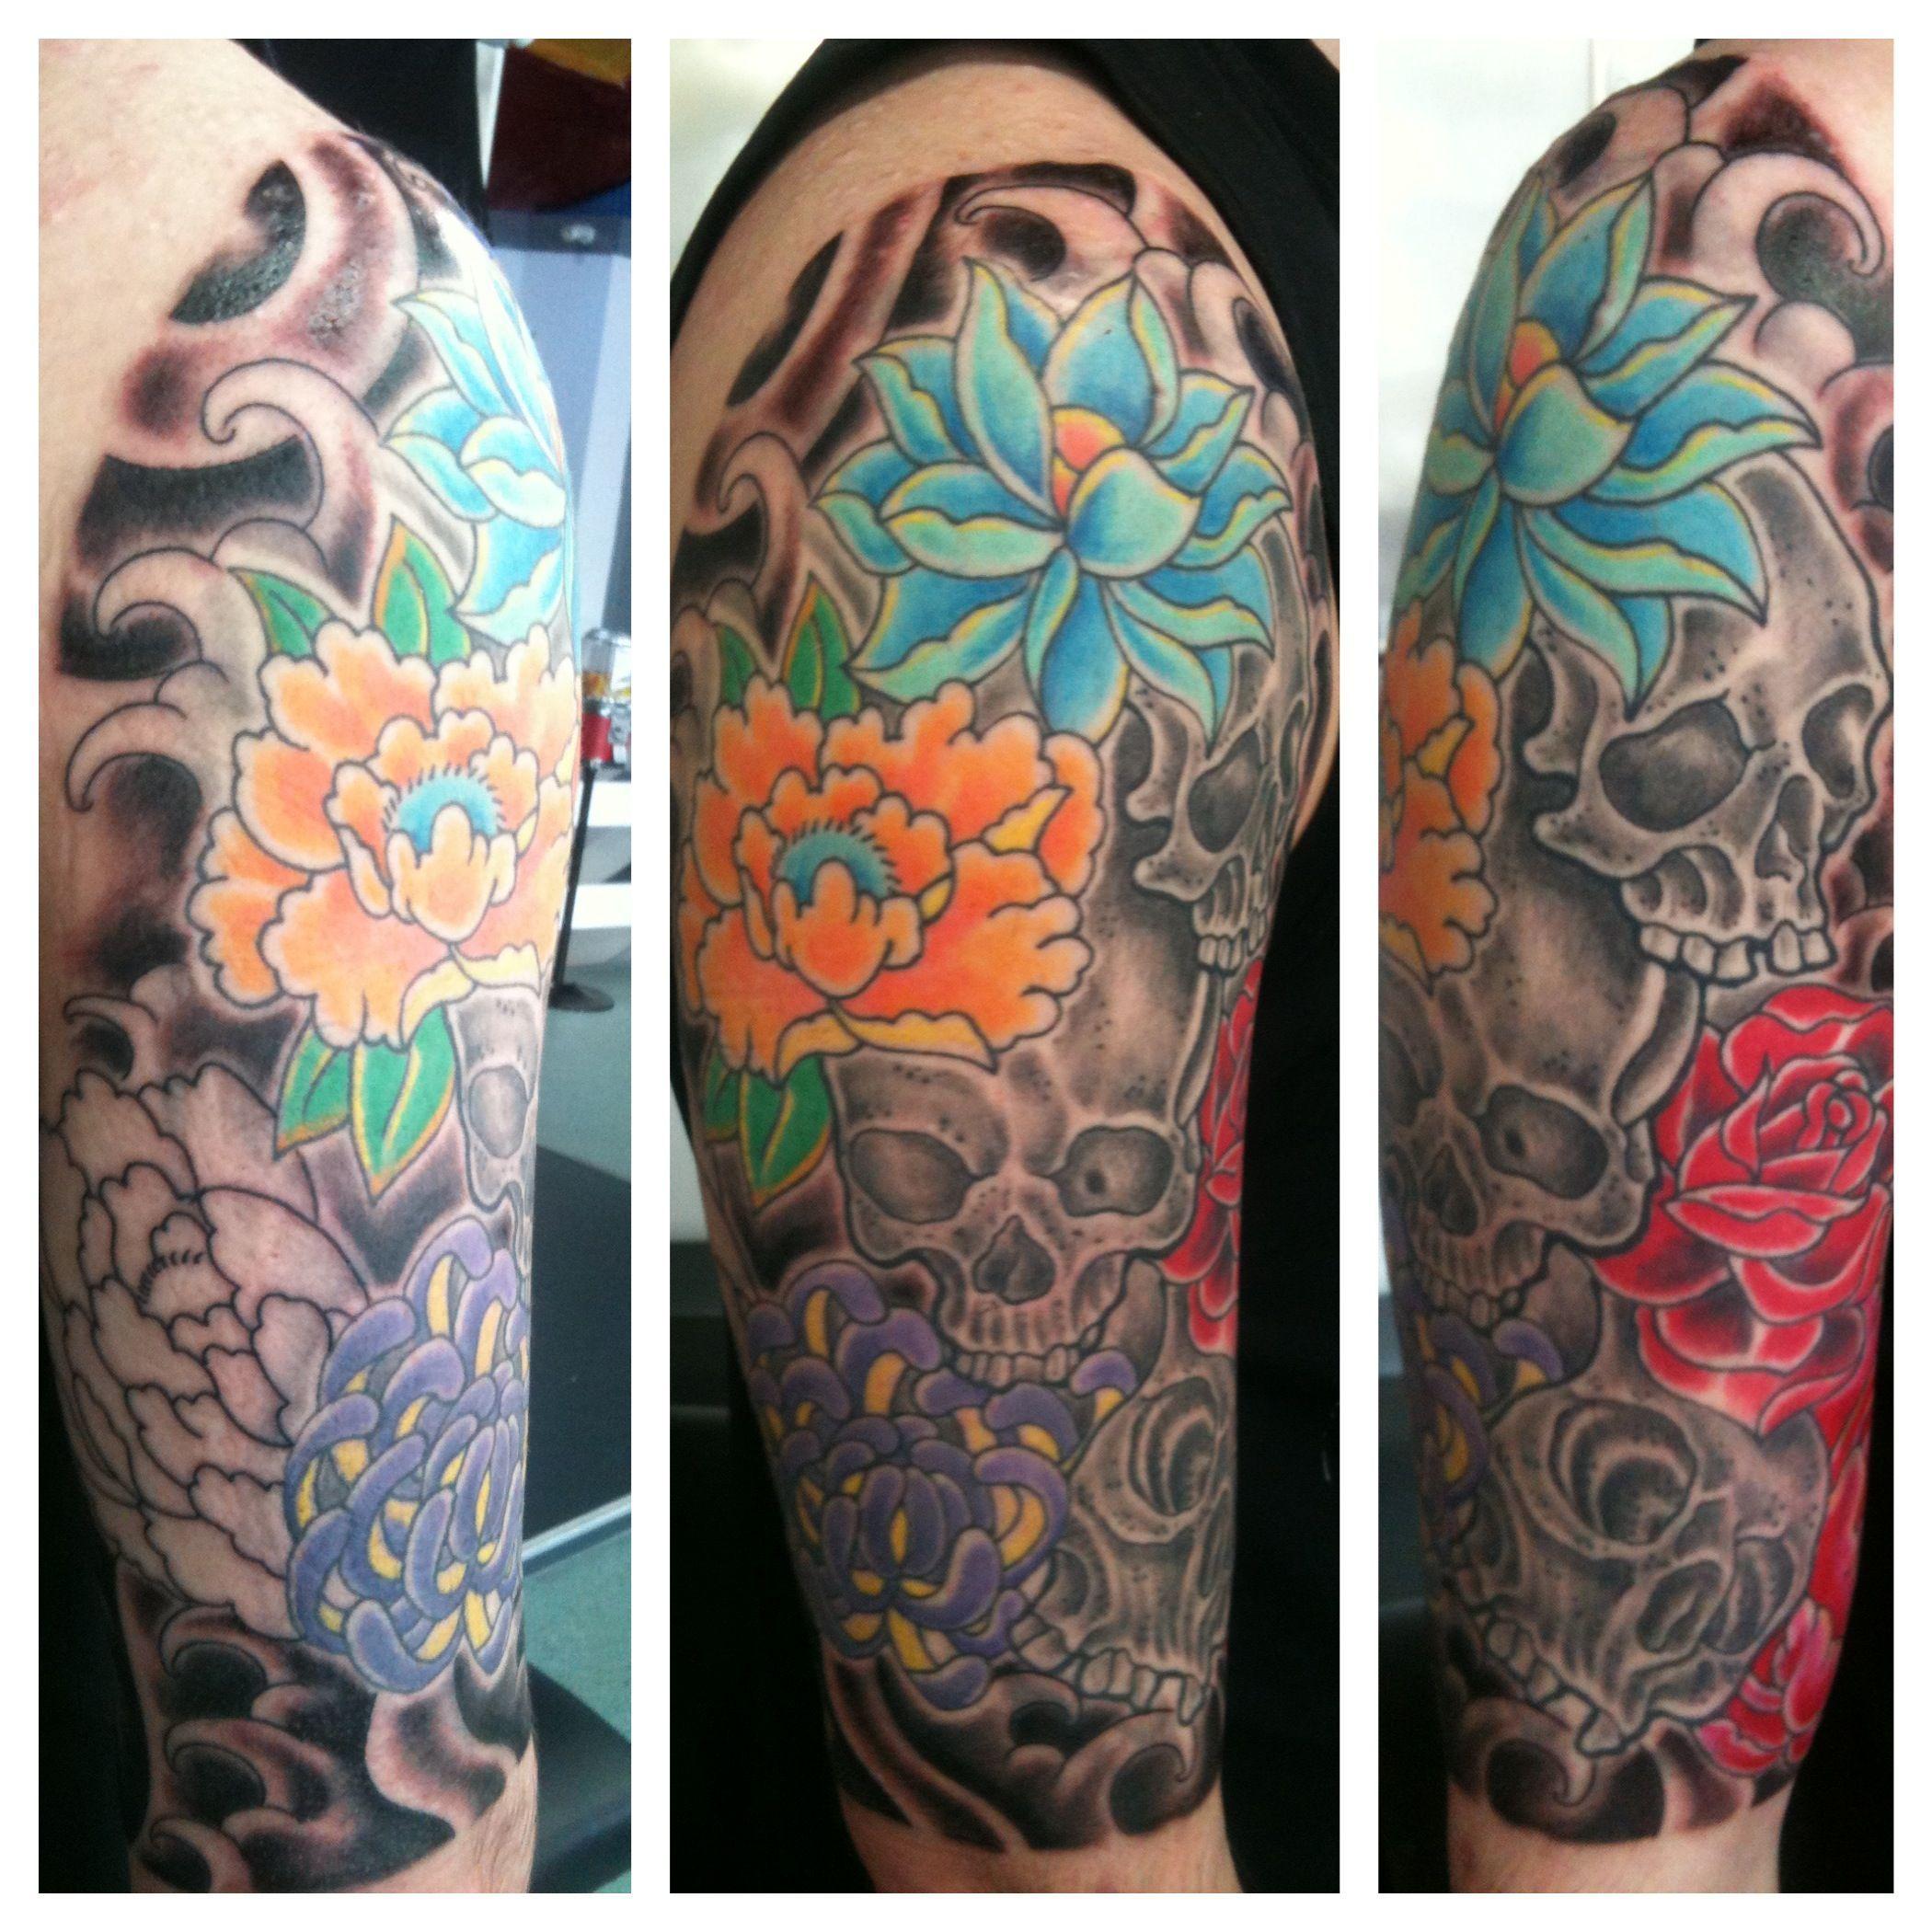 skull skulls flowers rose sleeve irish street tattoo